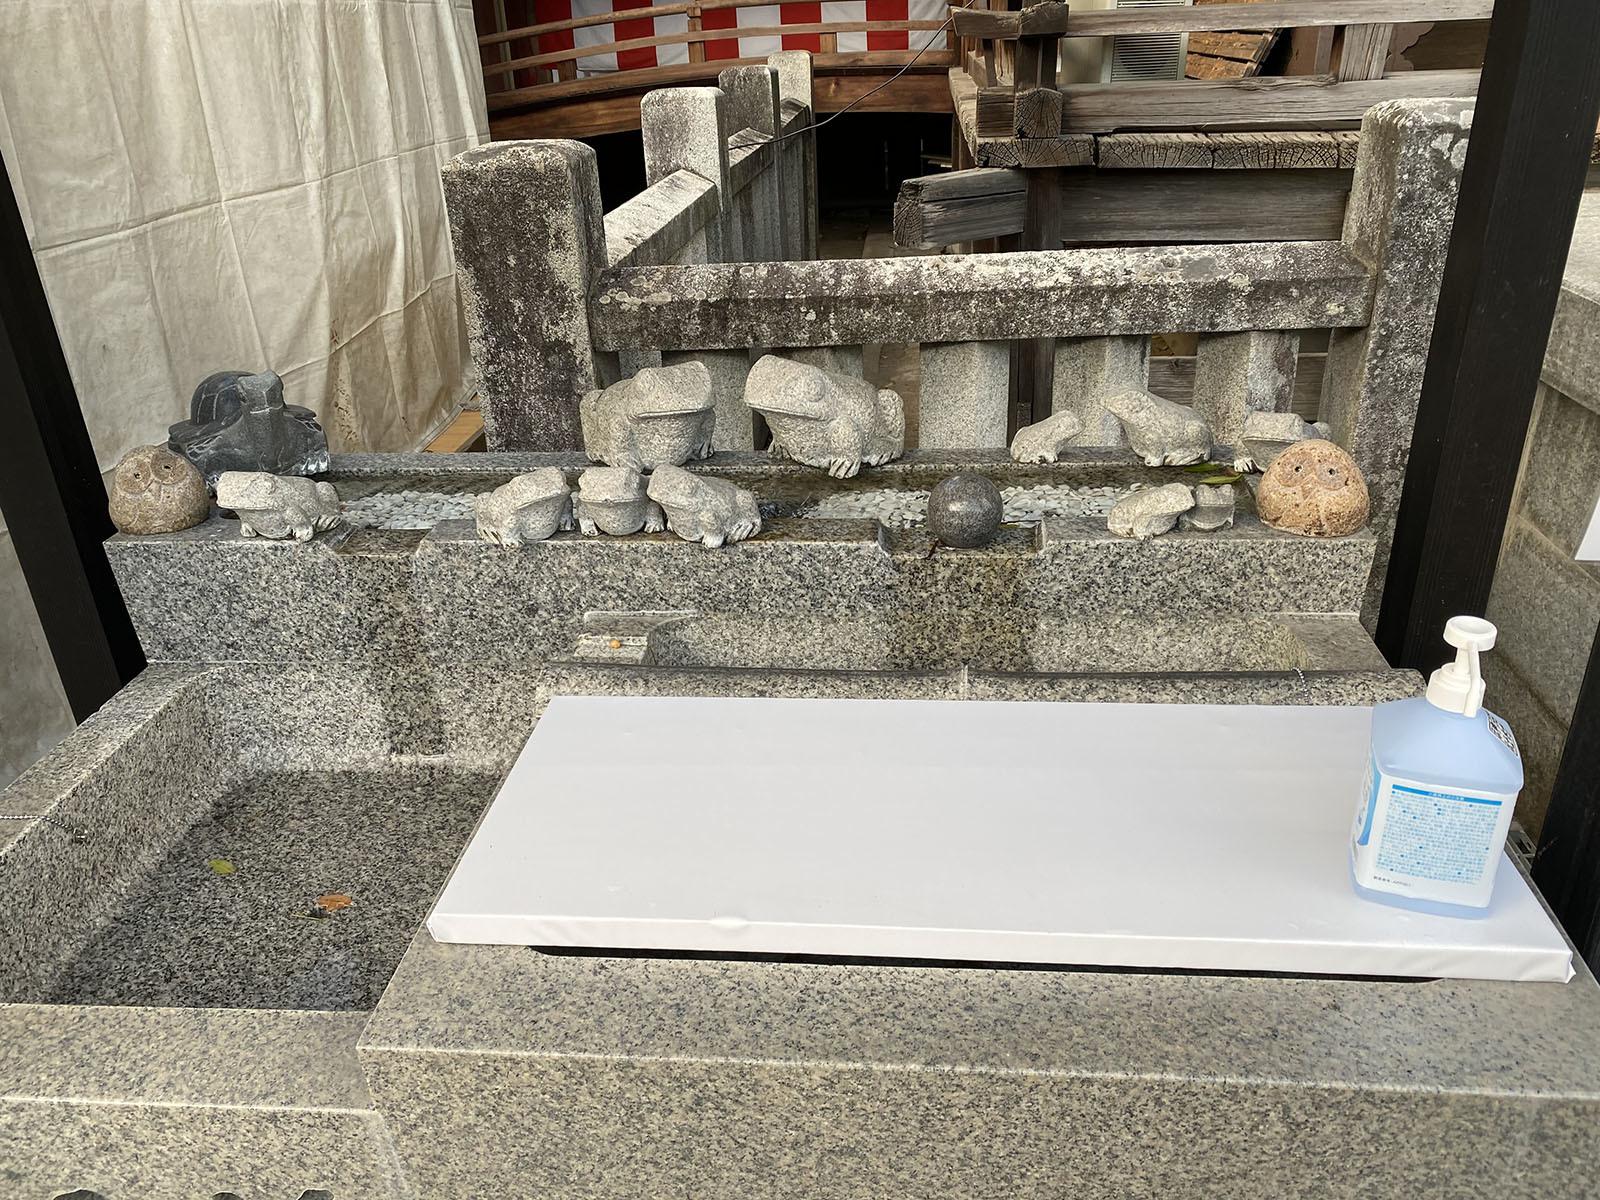 田村神社 アルコール消毒液